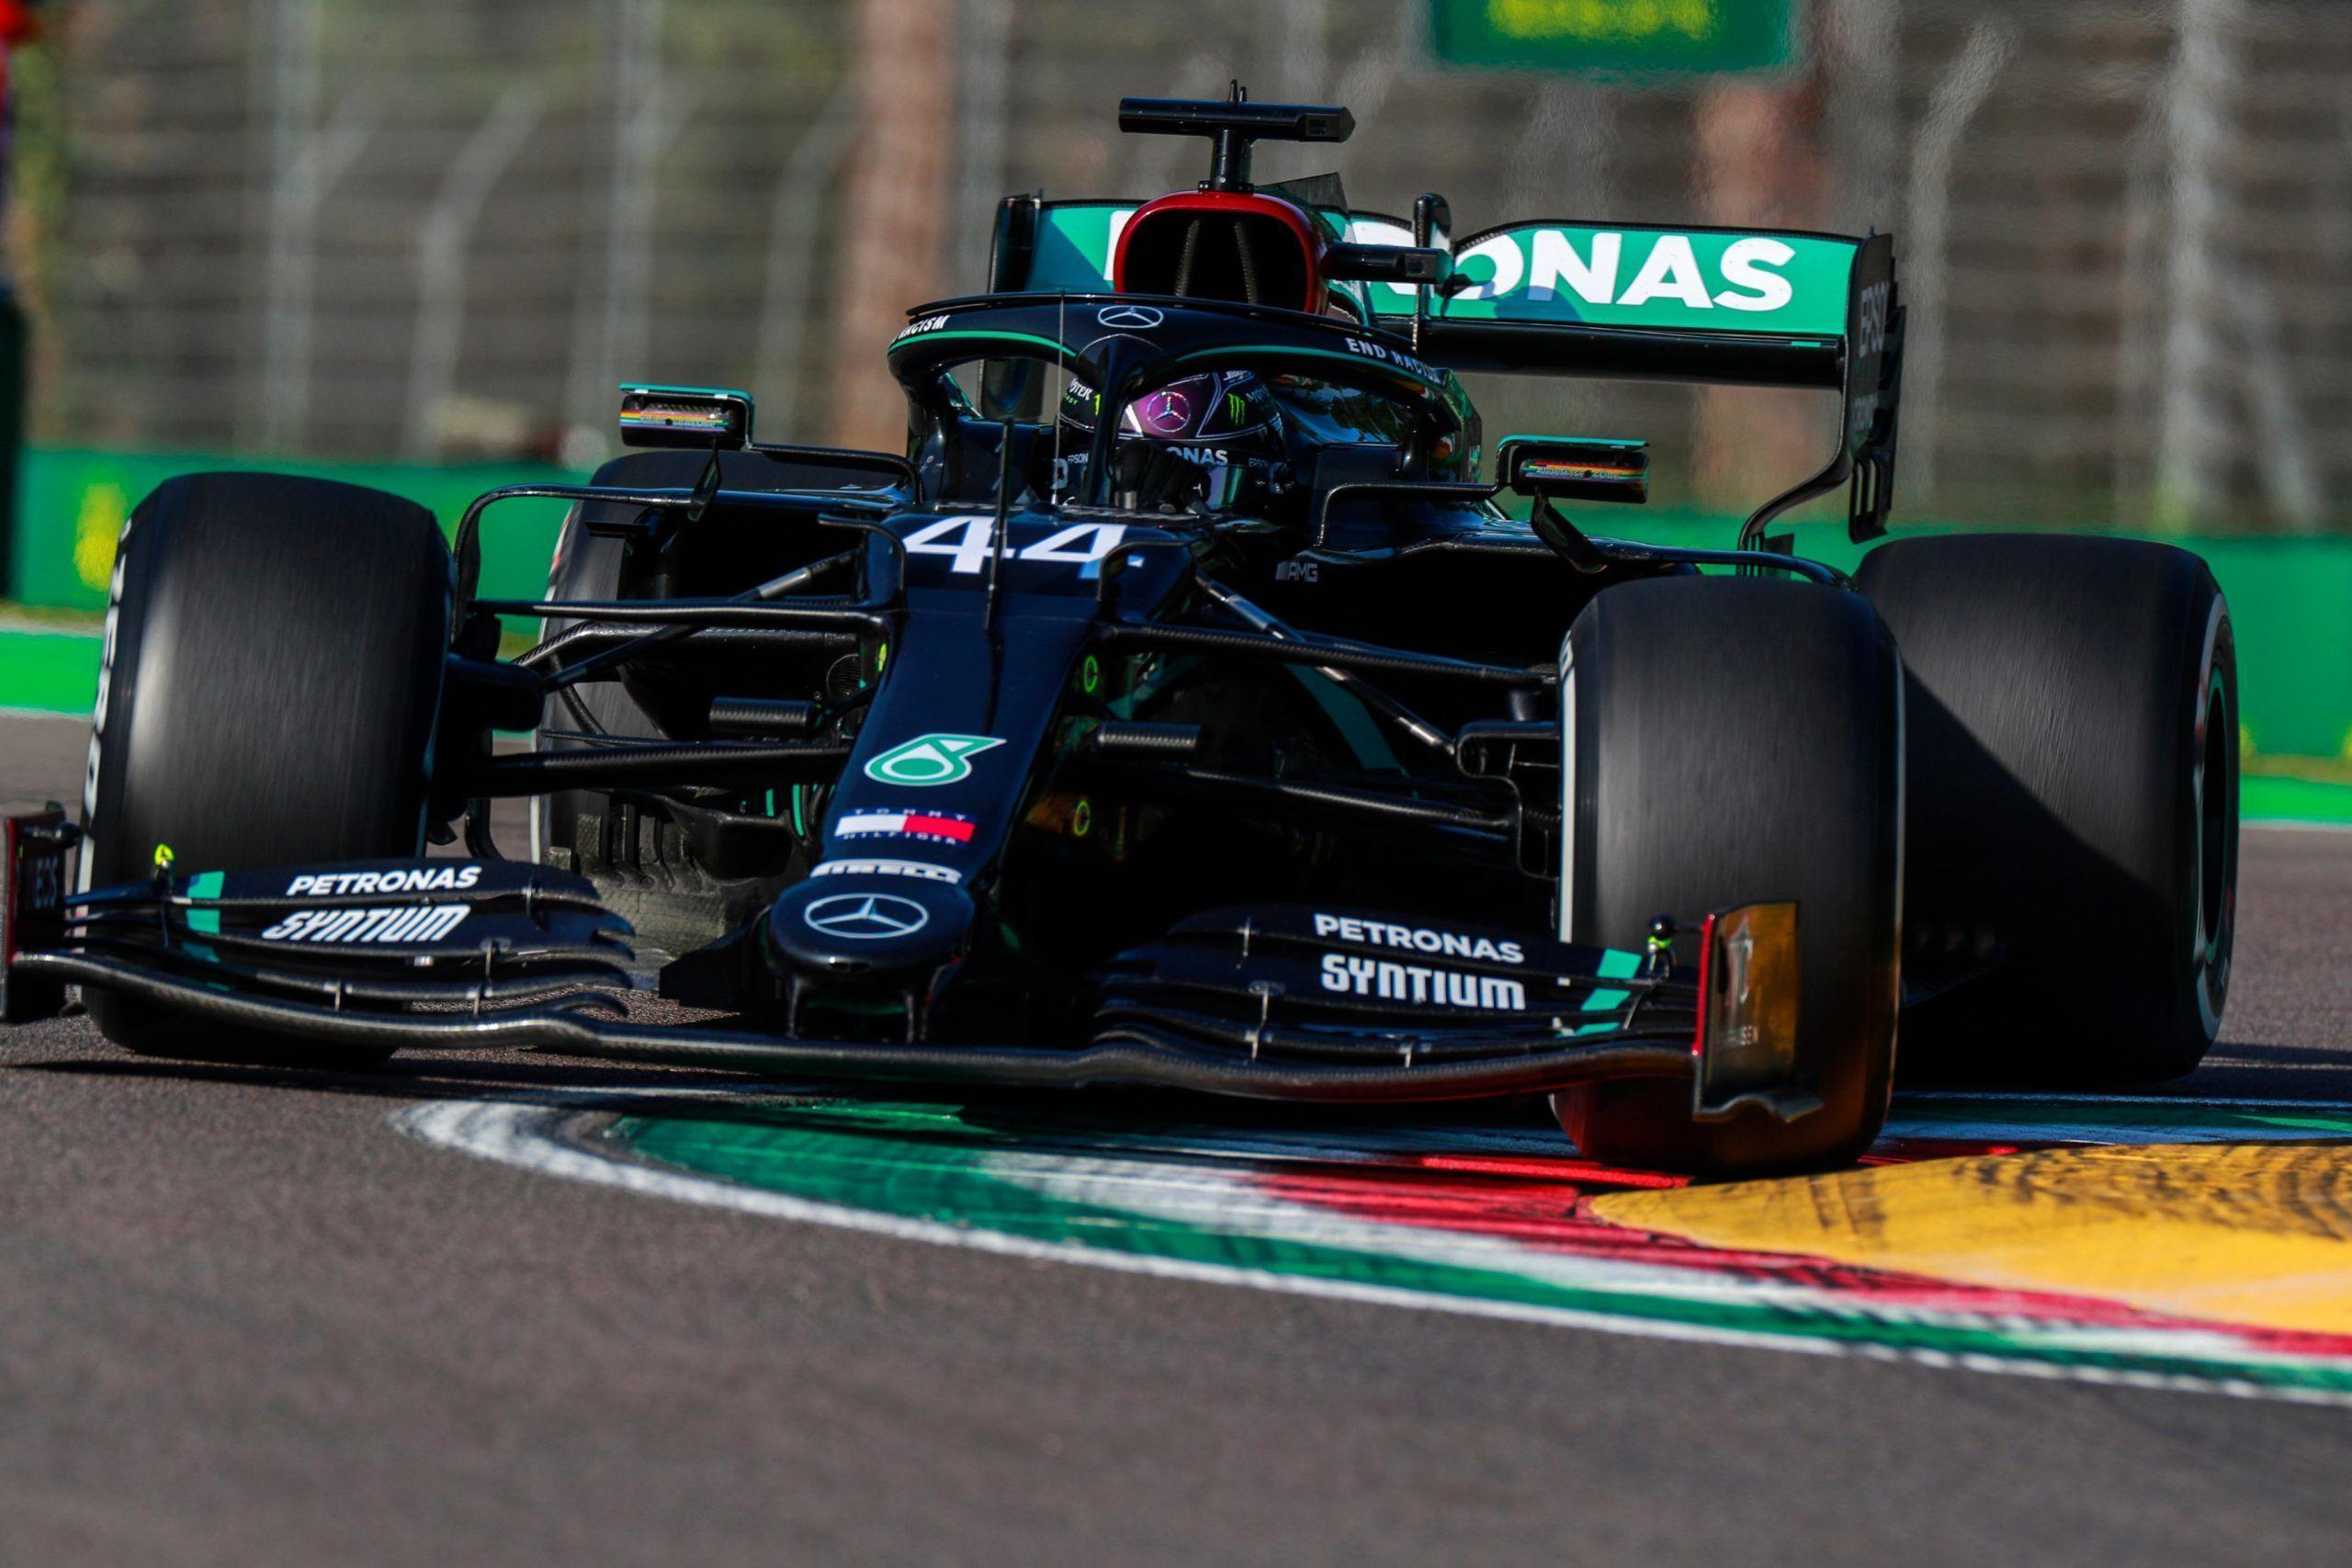 Emilia Romagna GP, F1, Lewis Hamilton